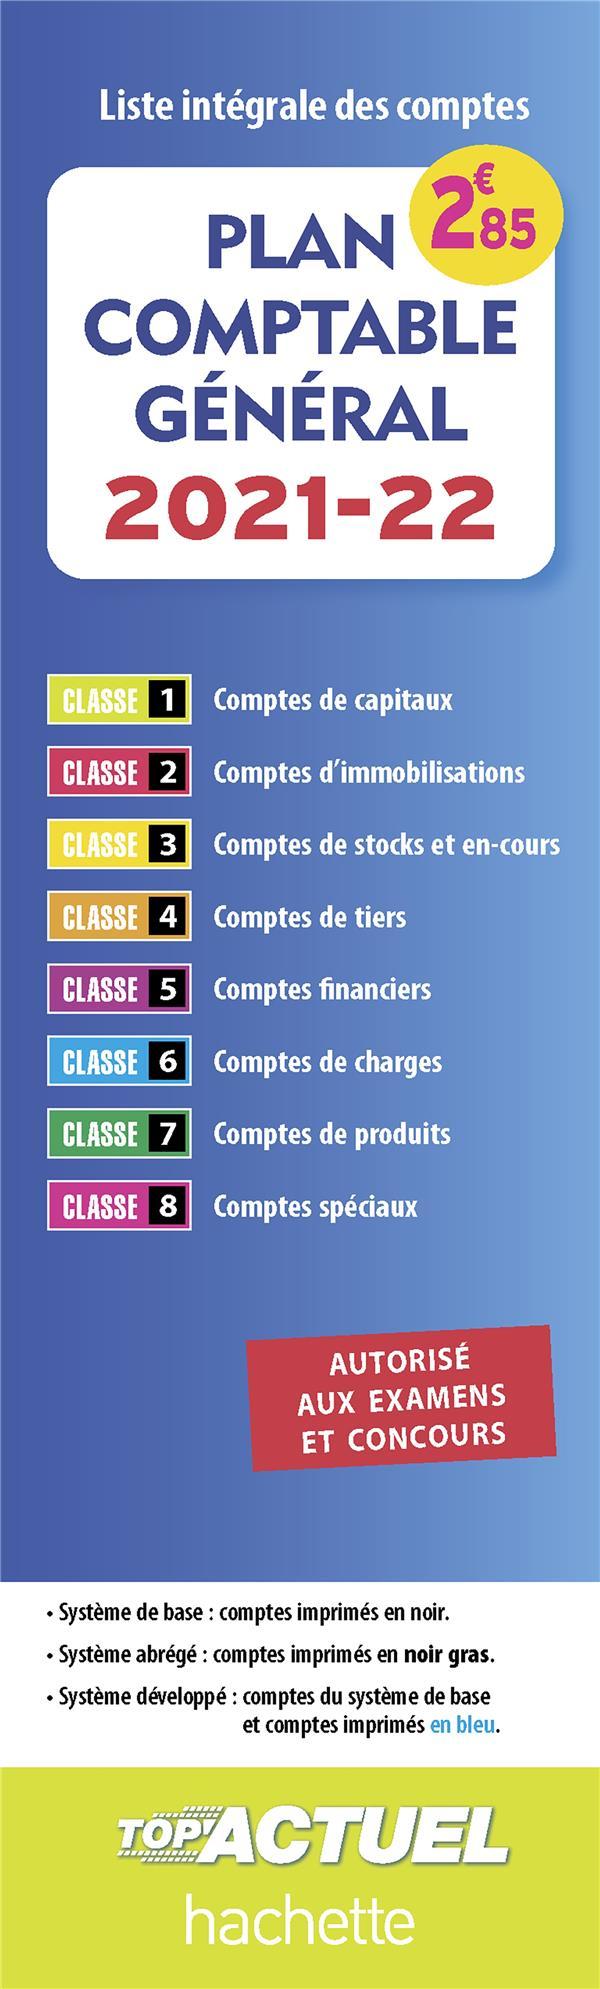 plan comptable général ; liste intégrale des comptes (édition 2021/2022)